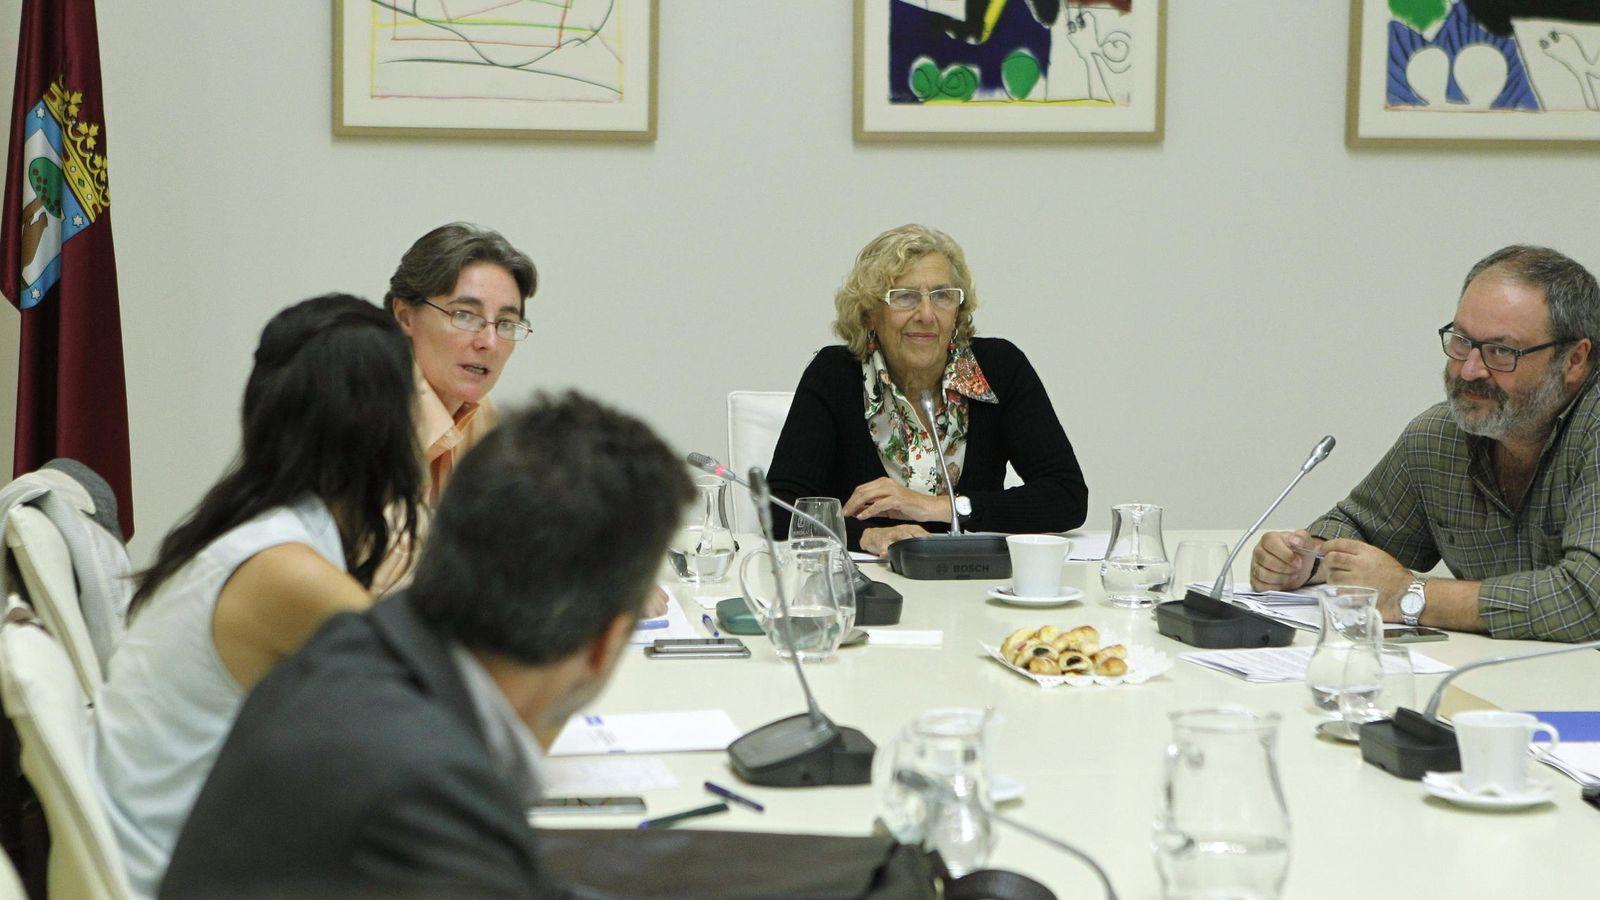 Foto: La alcaldesa de Madrid, Manuela Carmena, en una reunión de la Junta de Gobierno. (Efe)